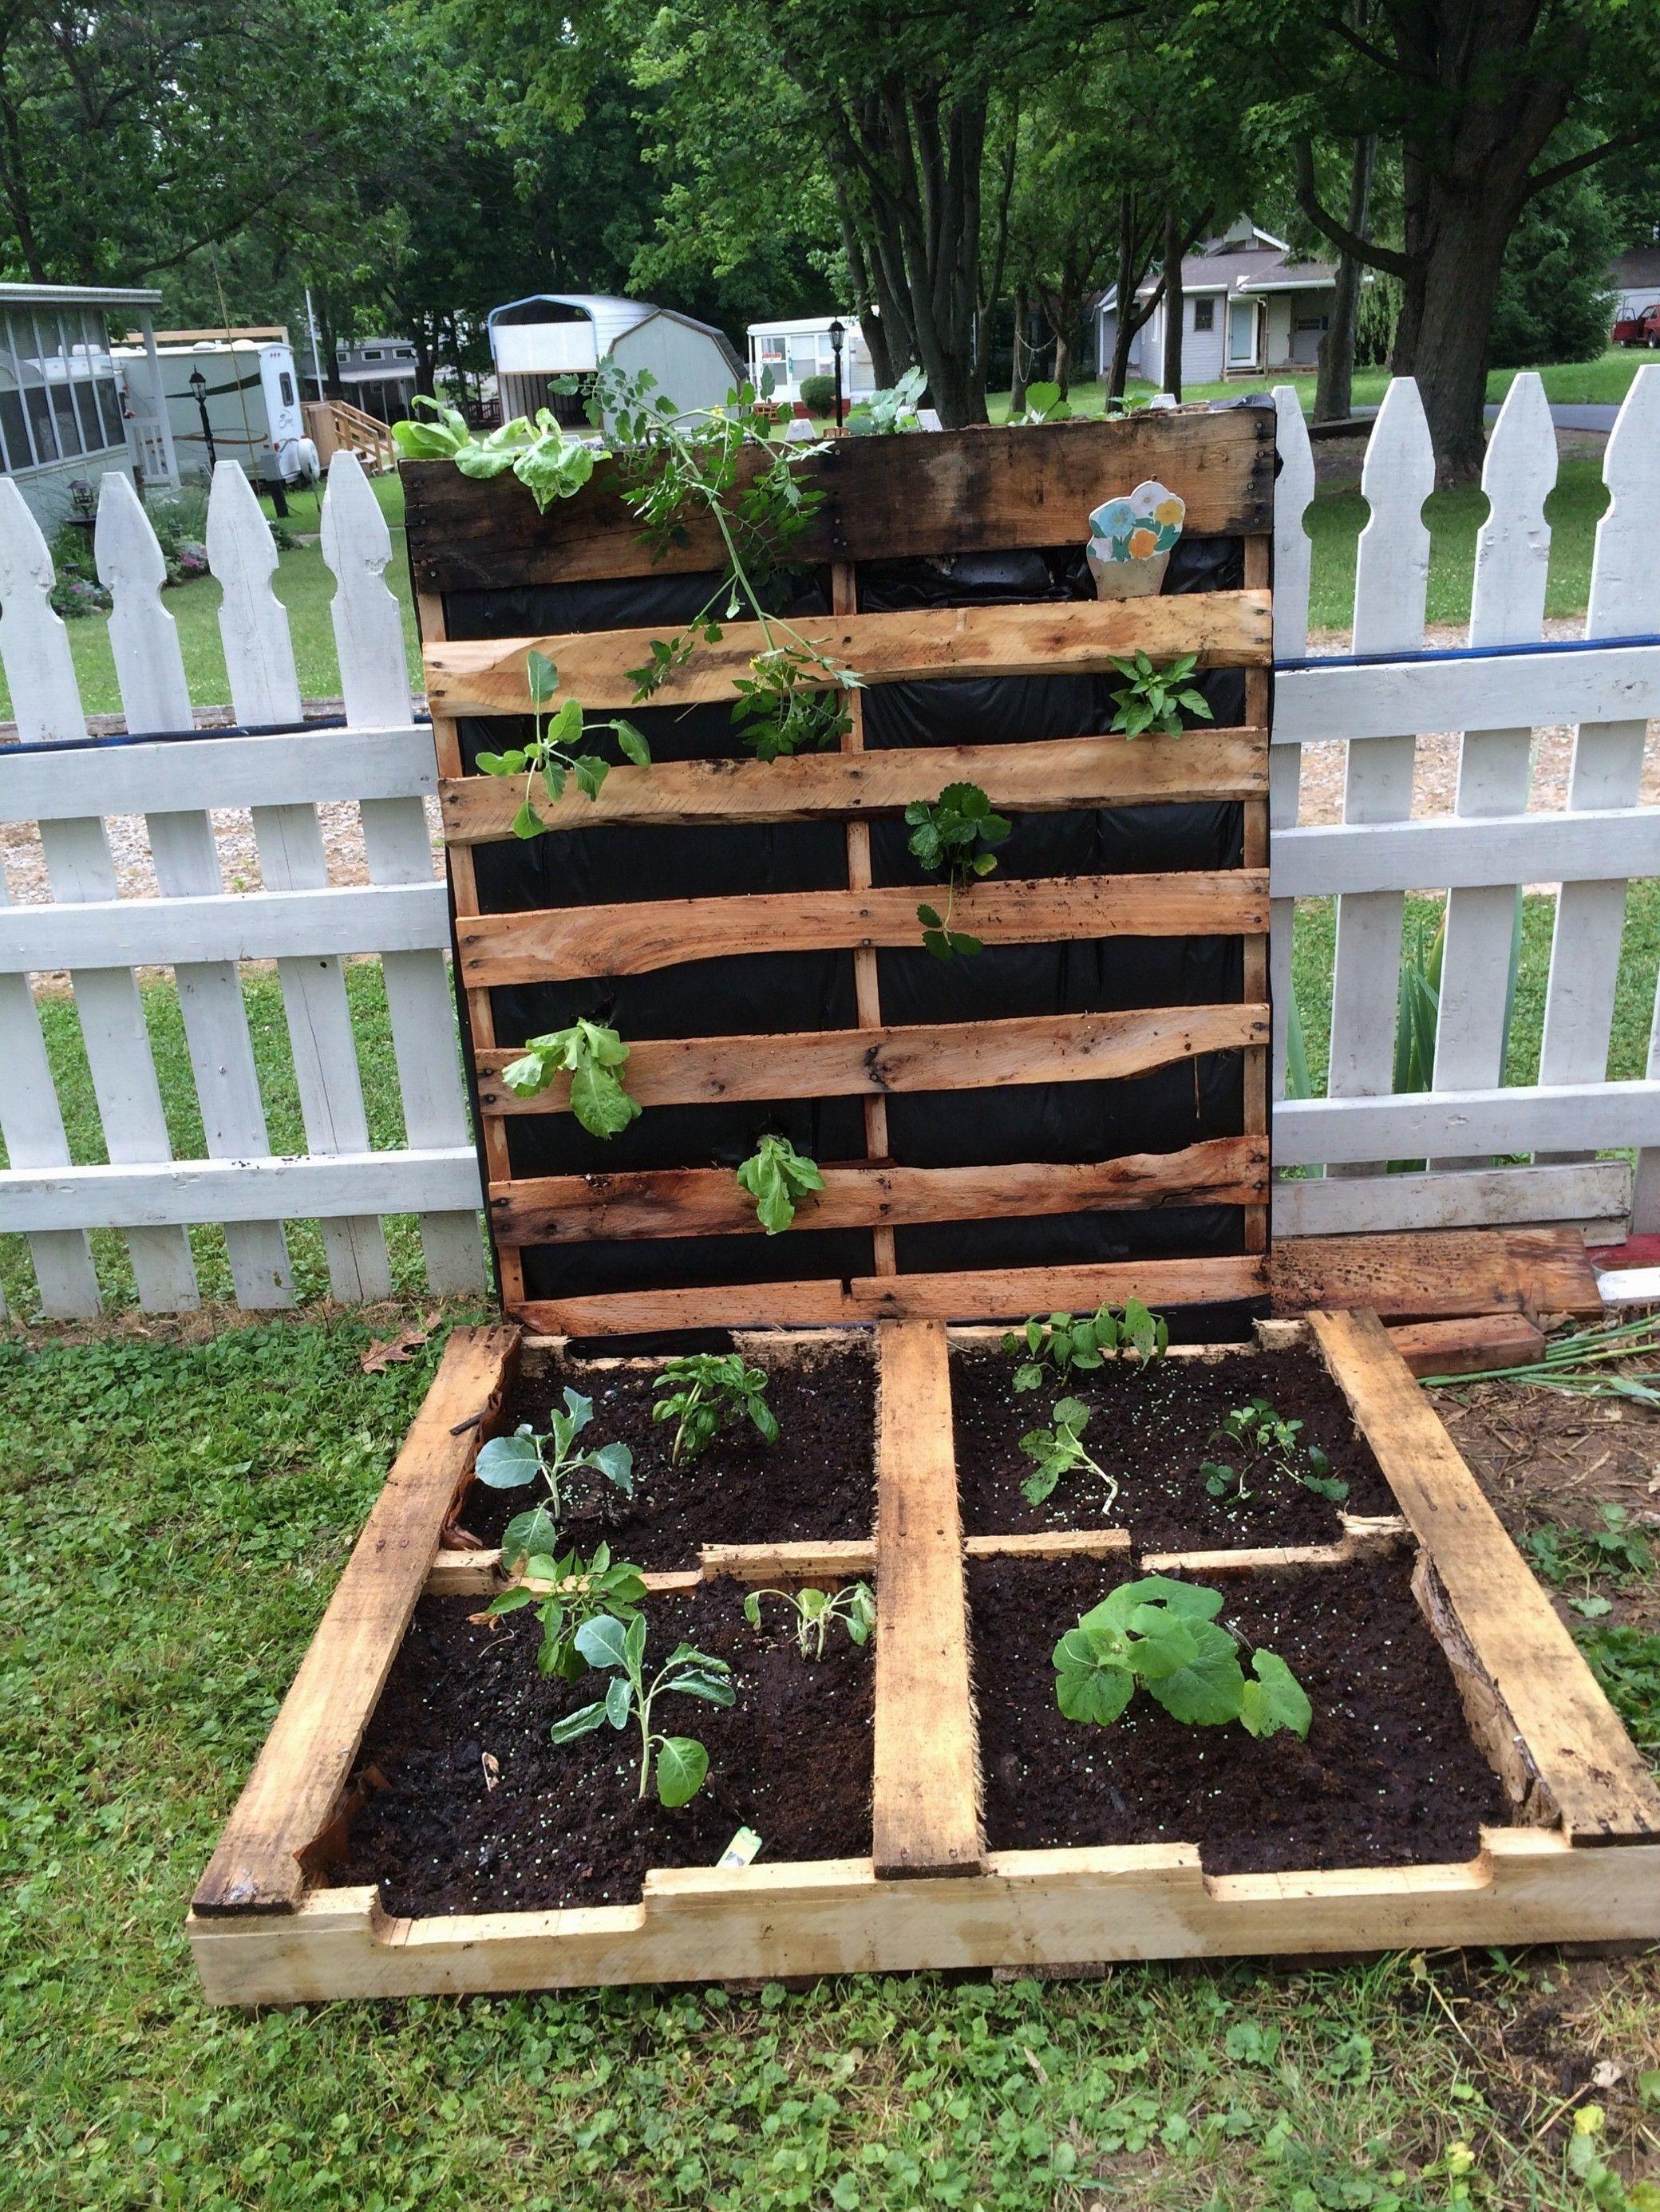 Startling Pallet Planter Images How To Make Your Pallet Garden How To Make Your Pallet Garden Pallets Pallets garden Pallet Gardens Images